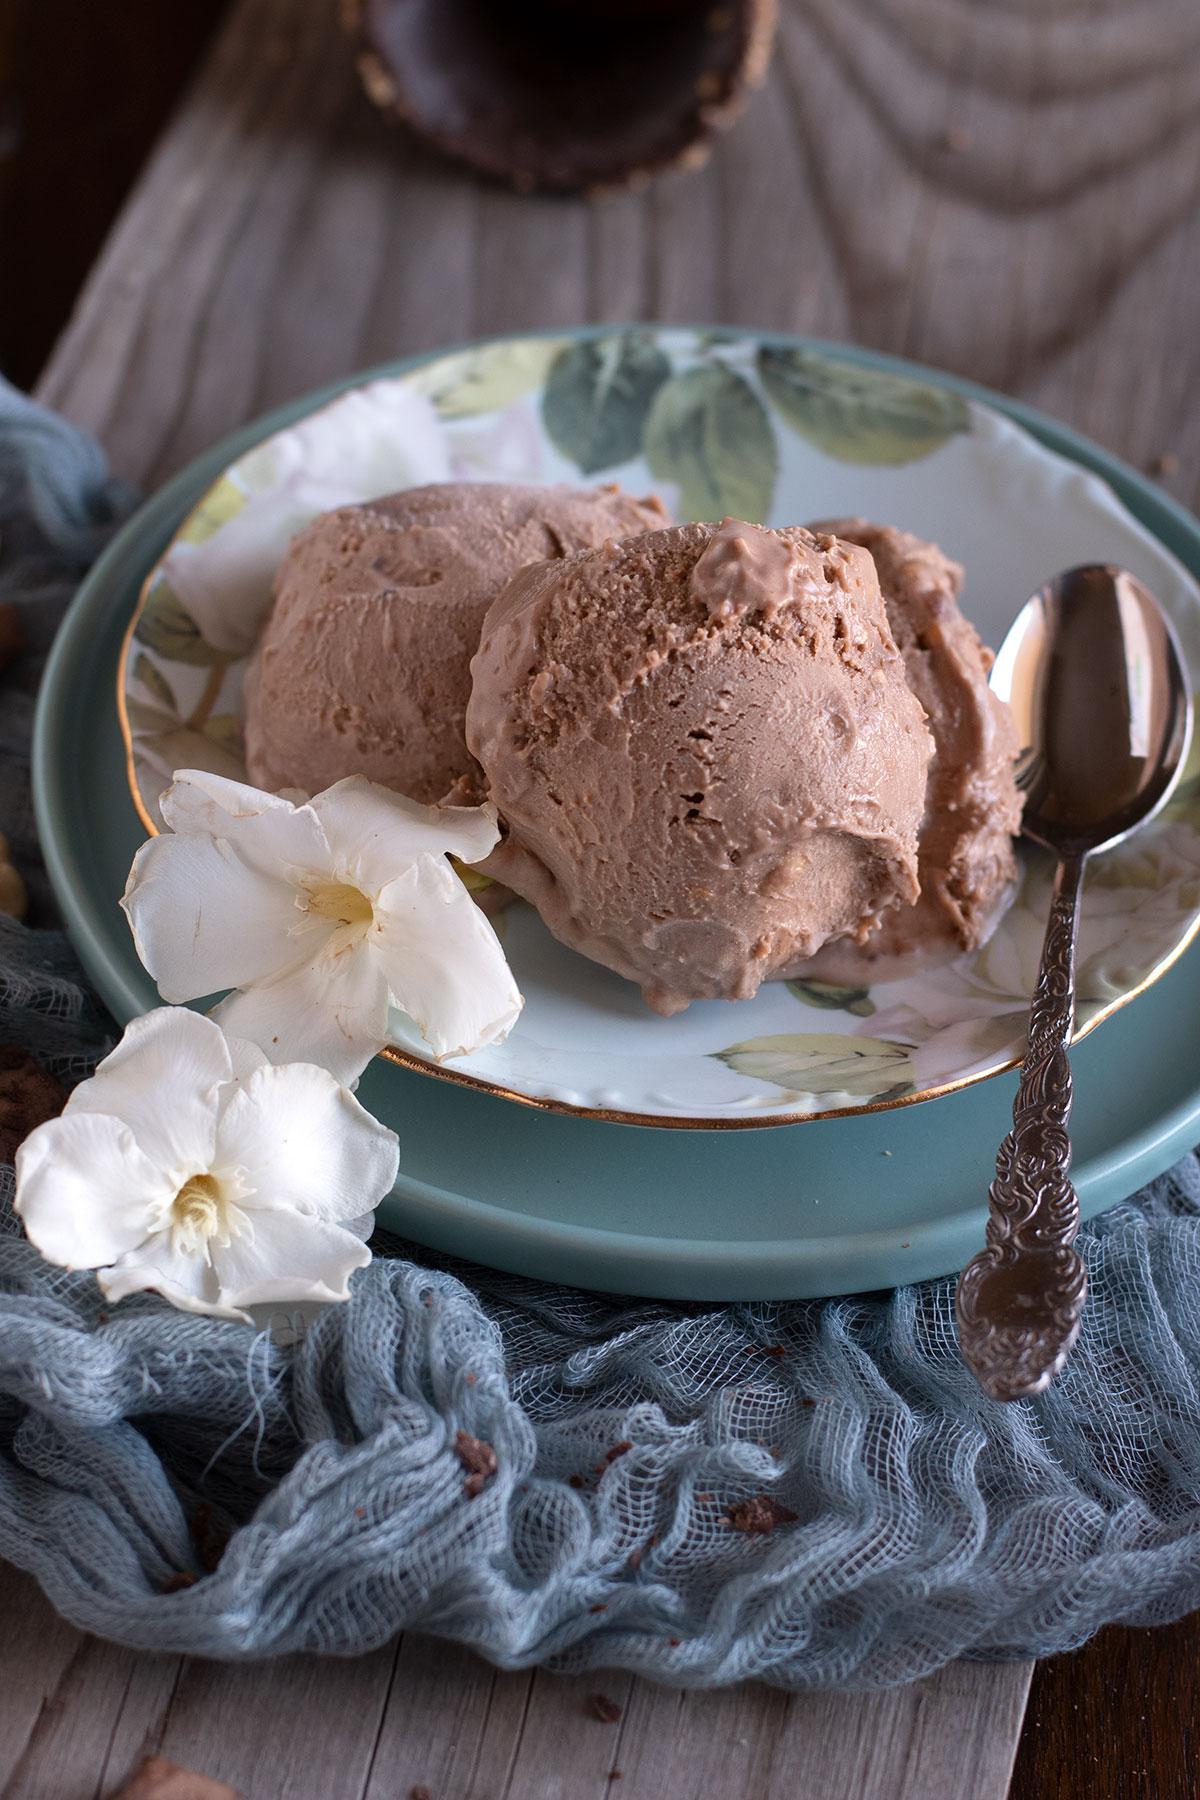 παγωτό φυστικοβούτυρο, πραλίνα, χωρίς παγωτομηχανή